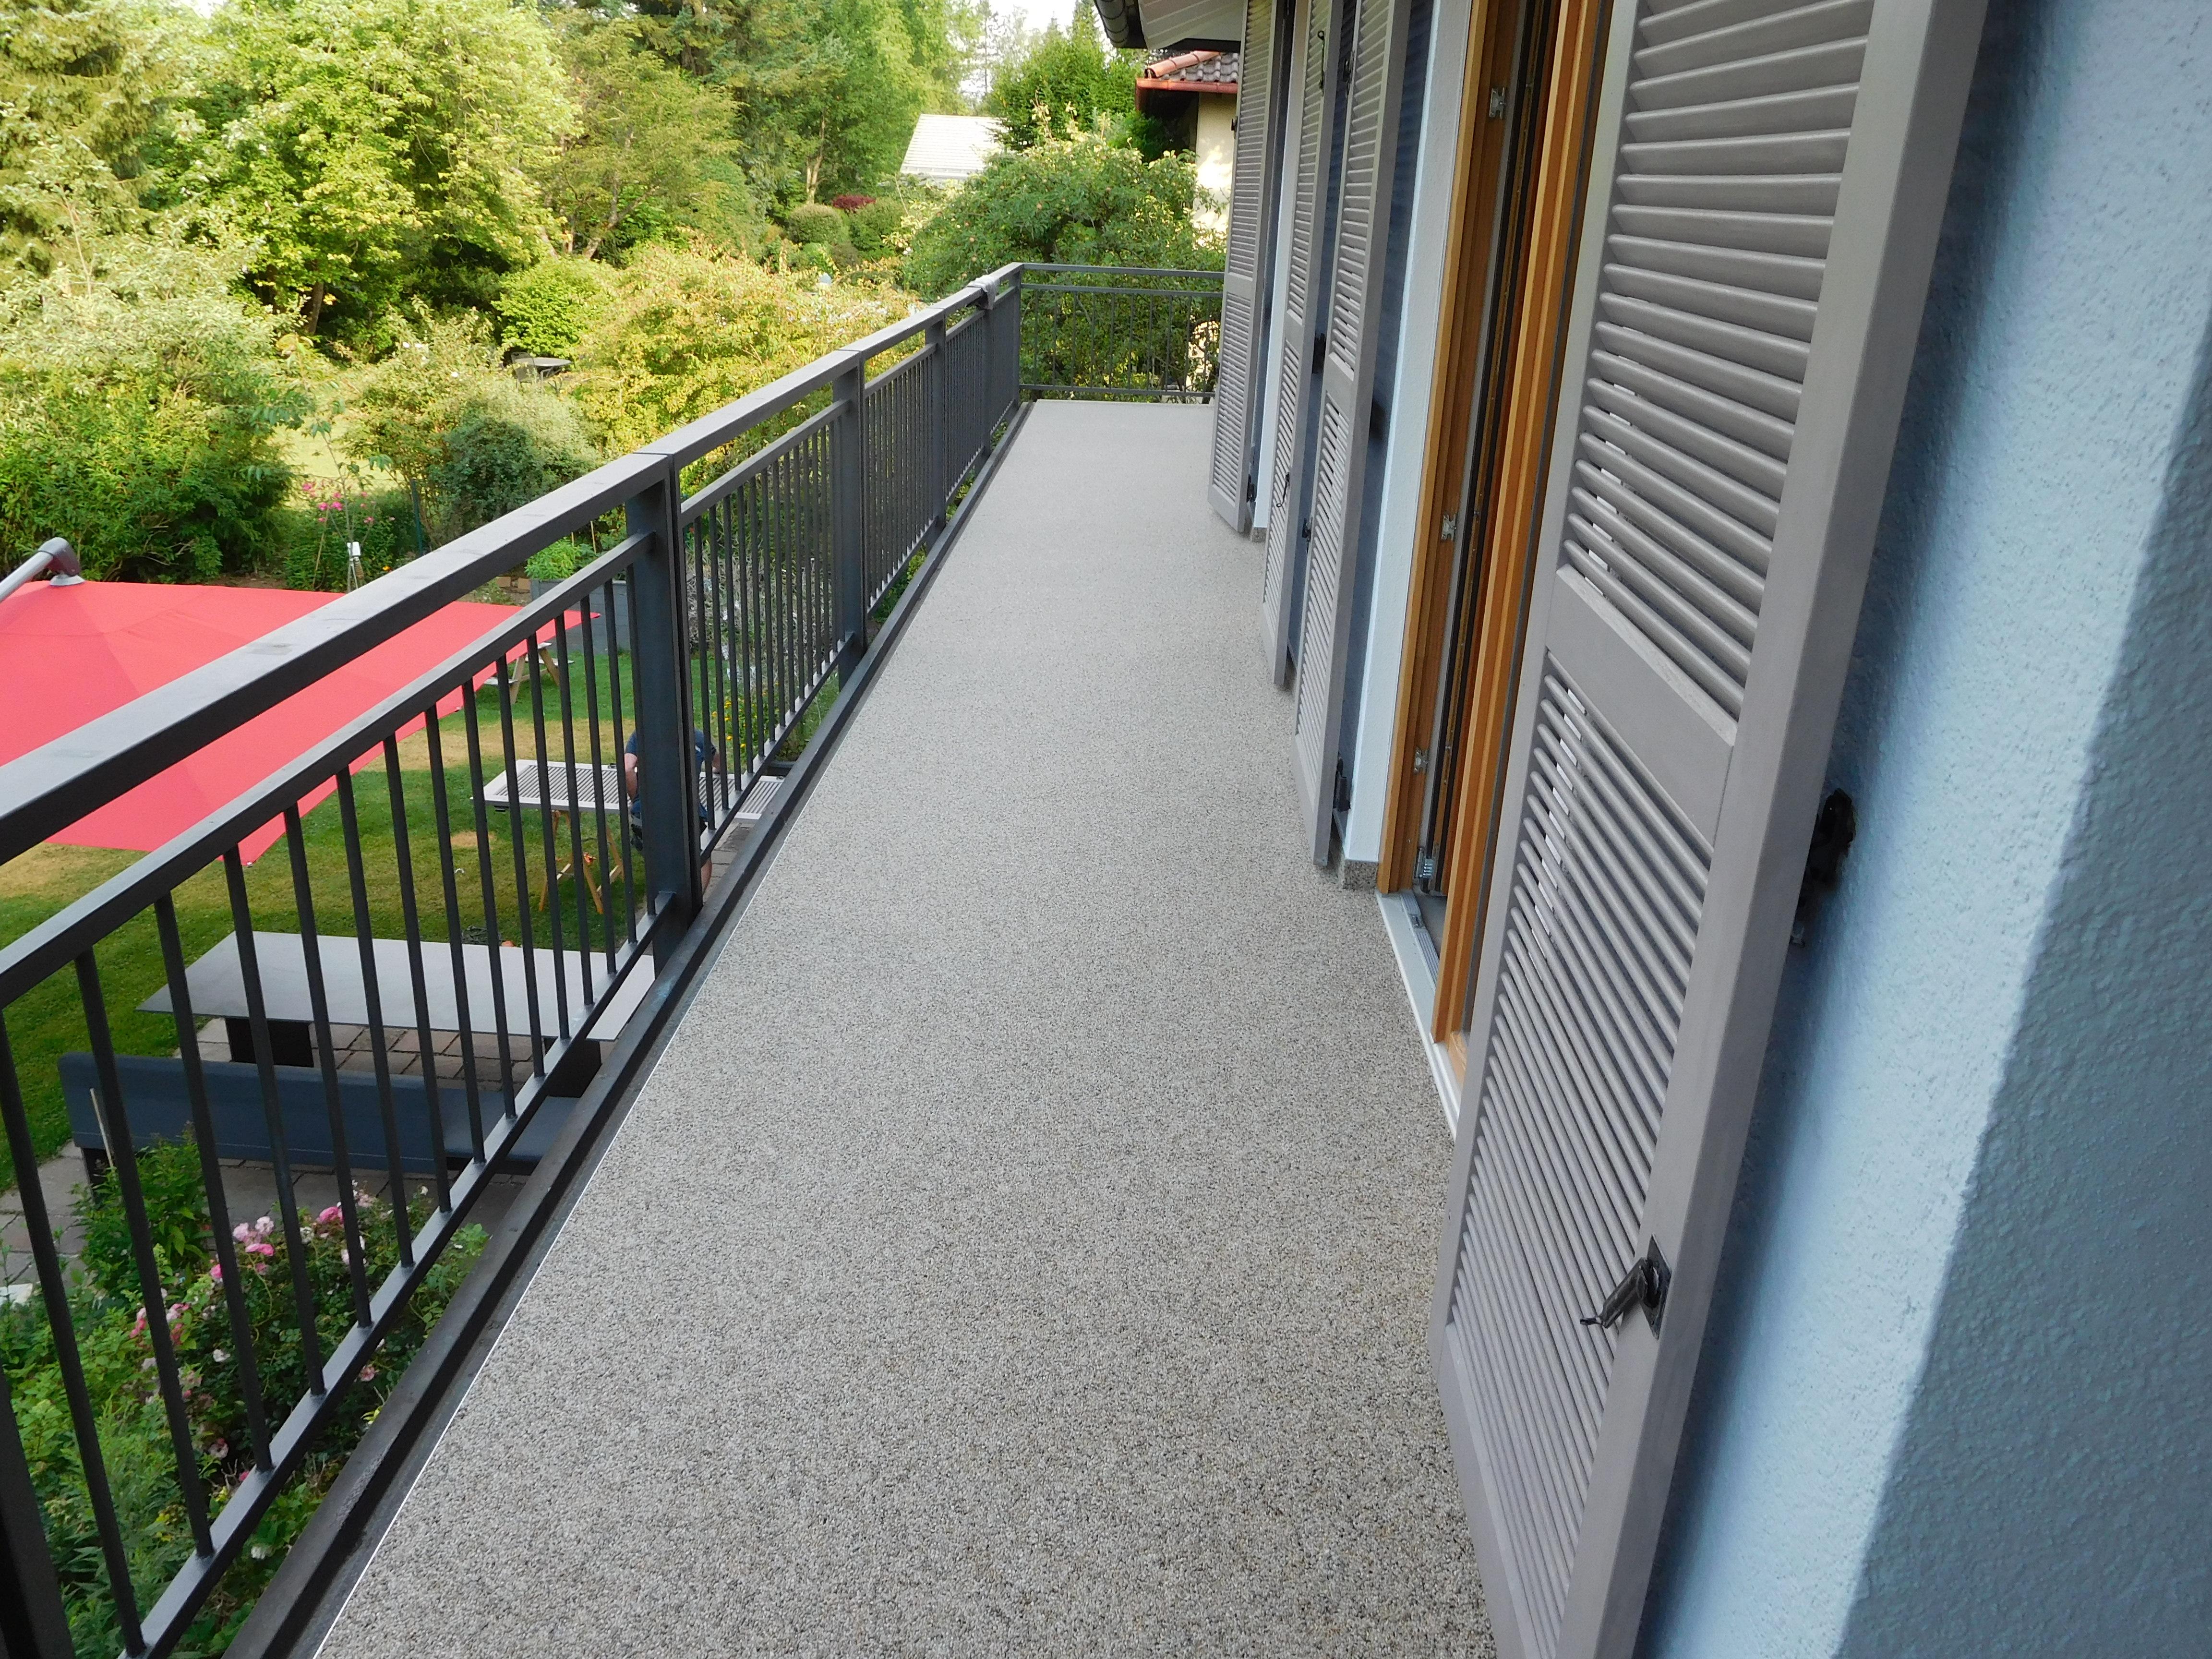 balkonsanierung vom fachmann qualit t die sich auszahlt. Black Bedroom Furniture Sets. Home Design Ideas